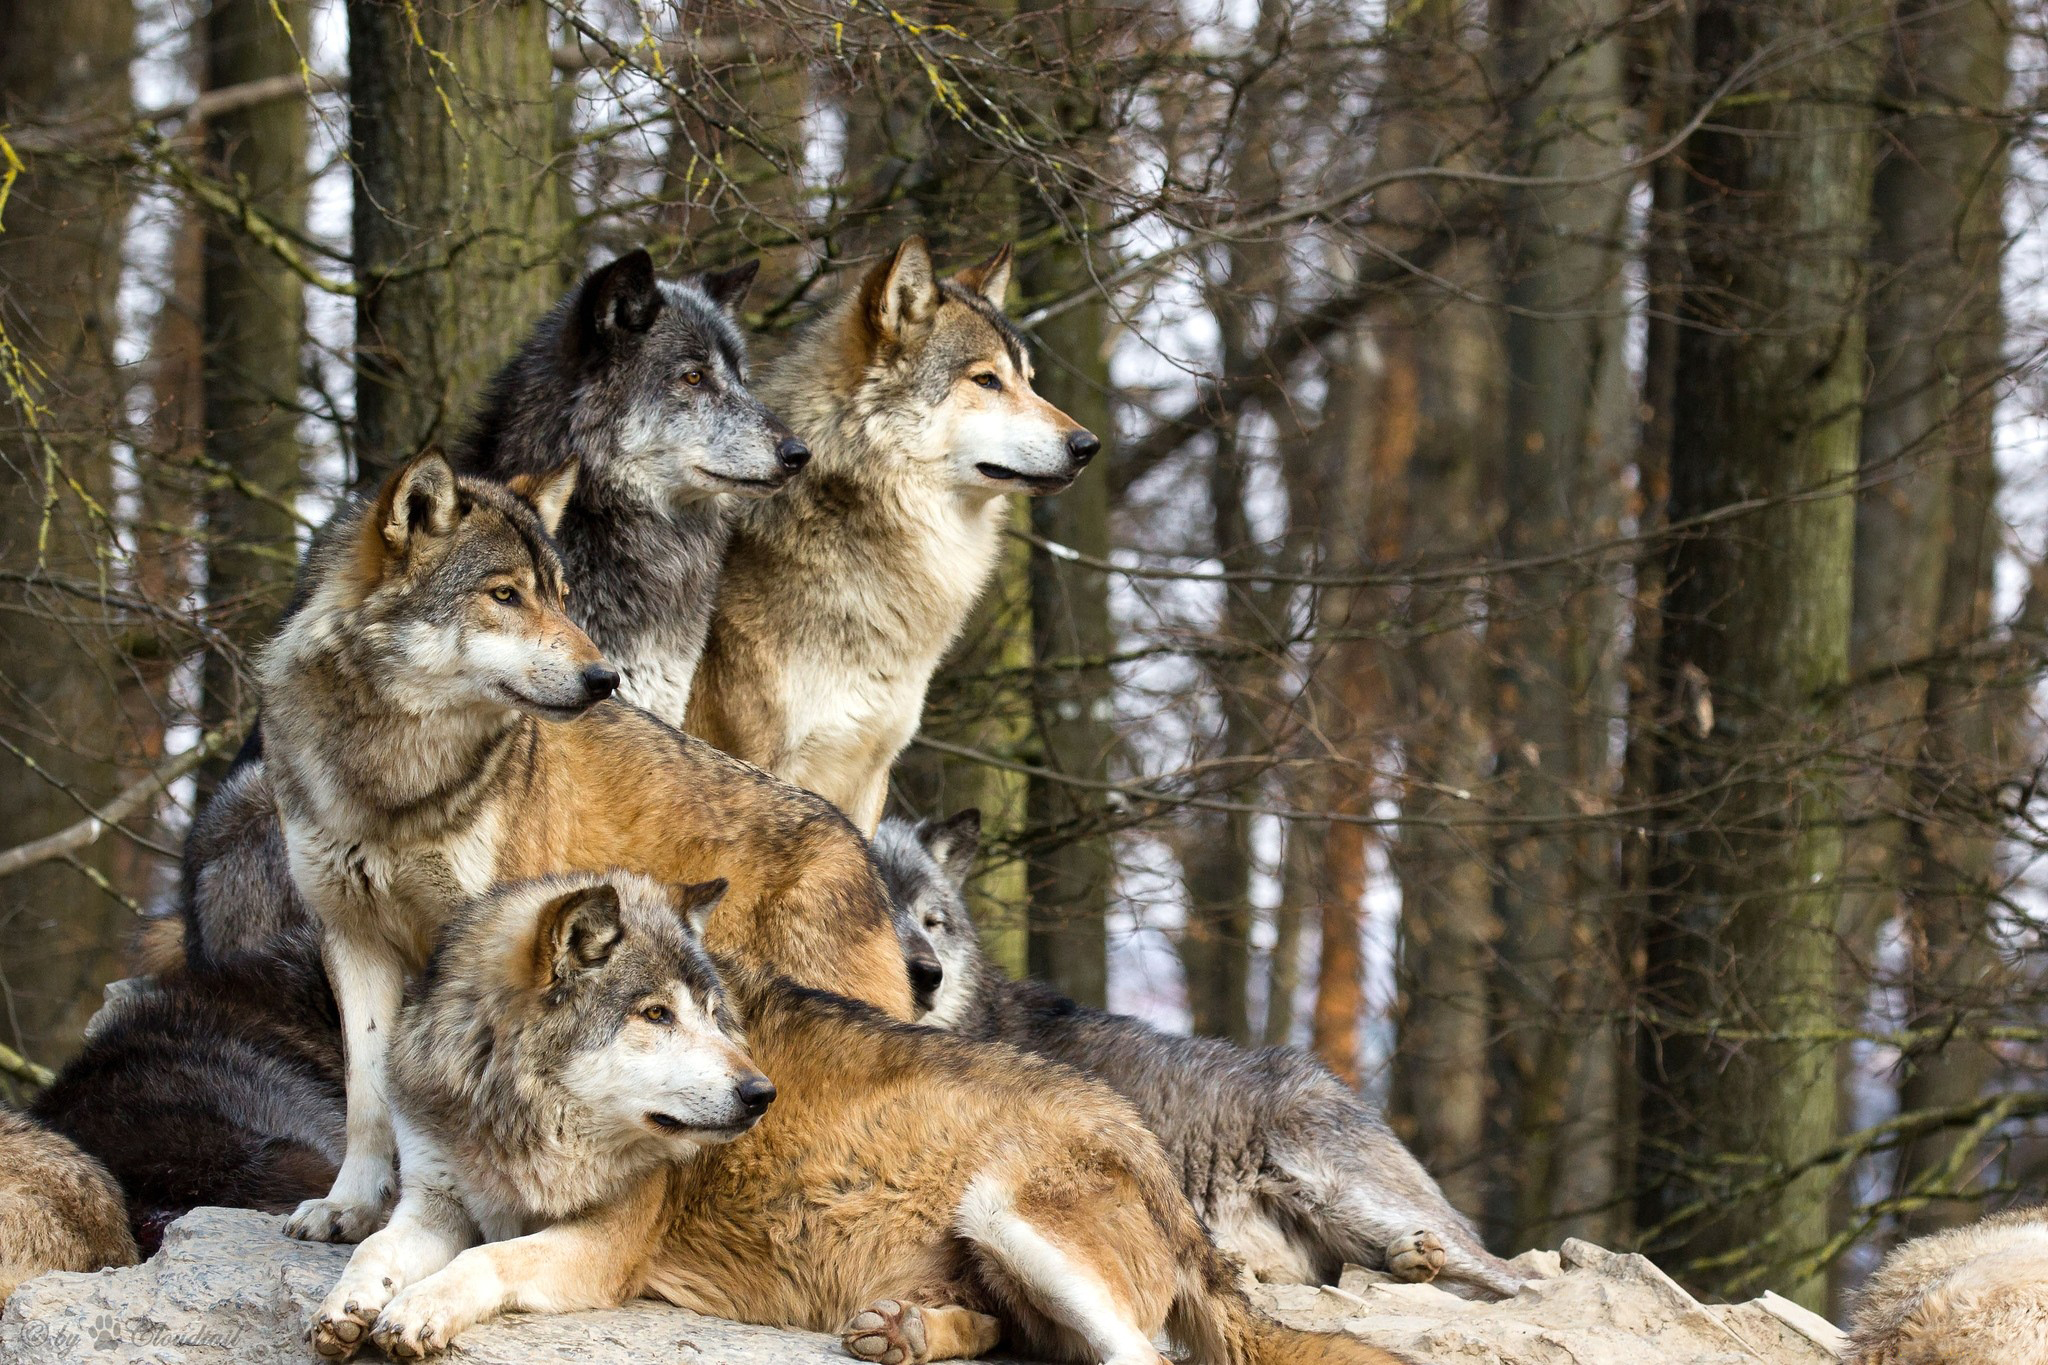 волки красивые картины фото говоря, митхуна особенным